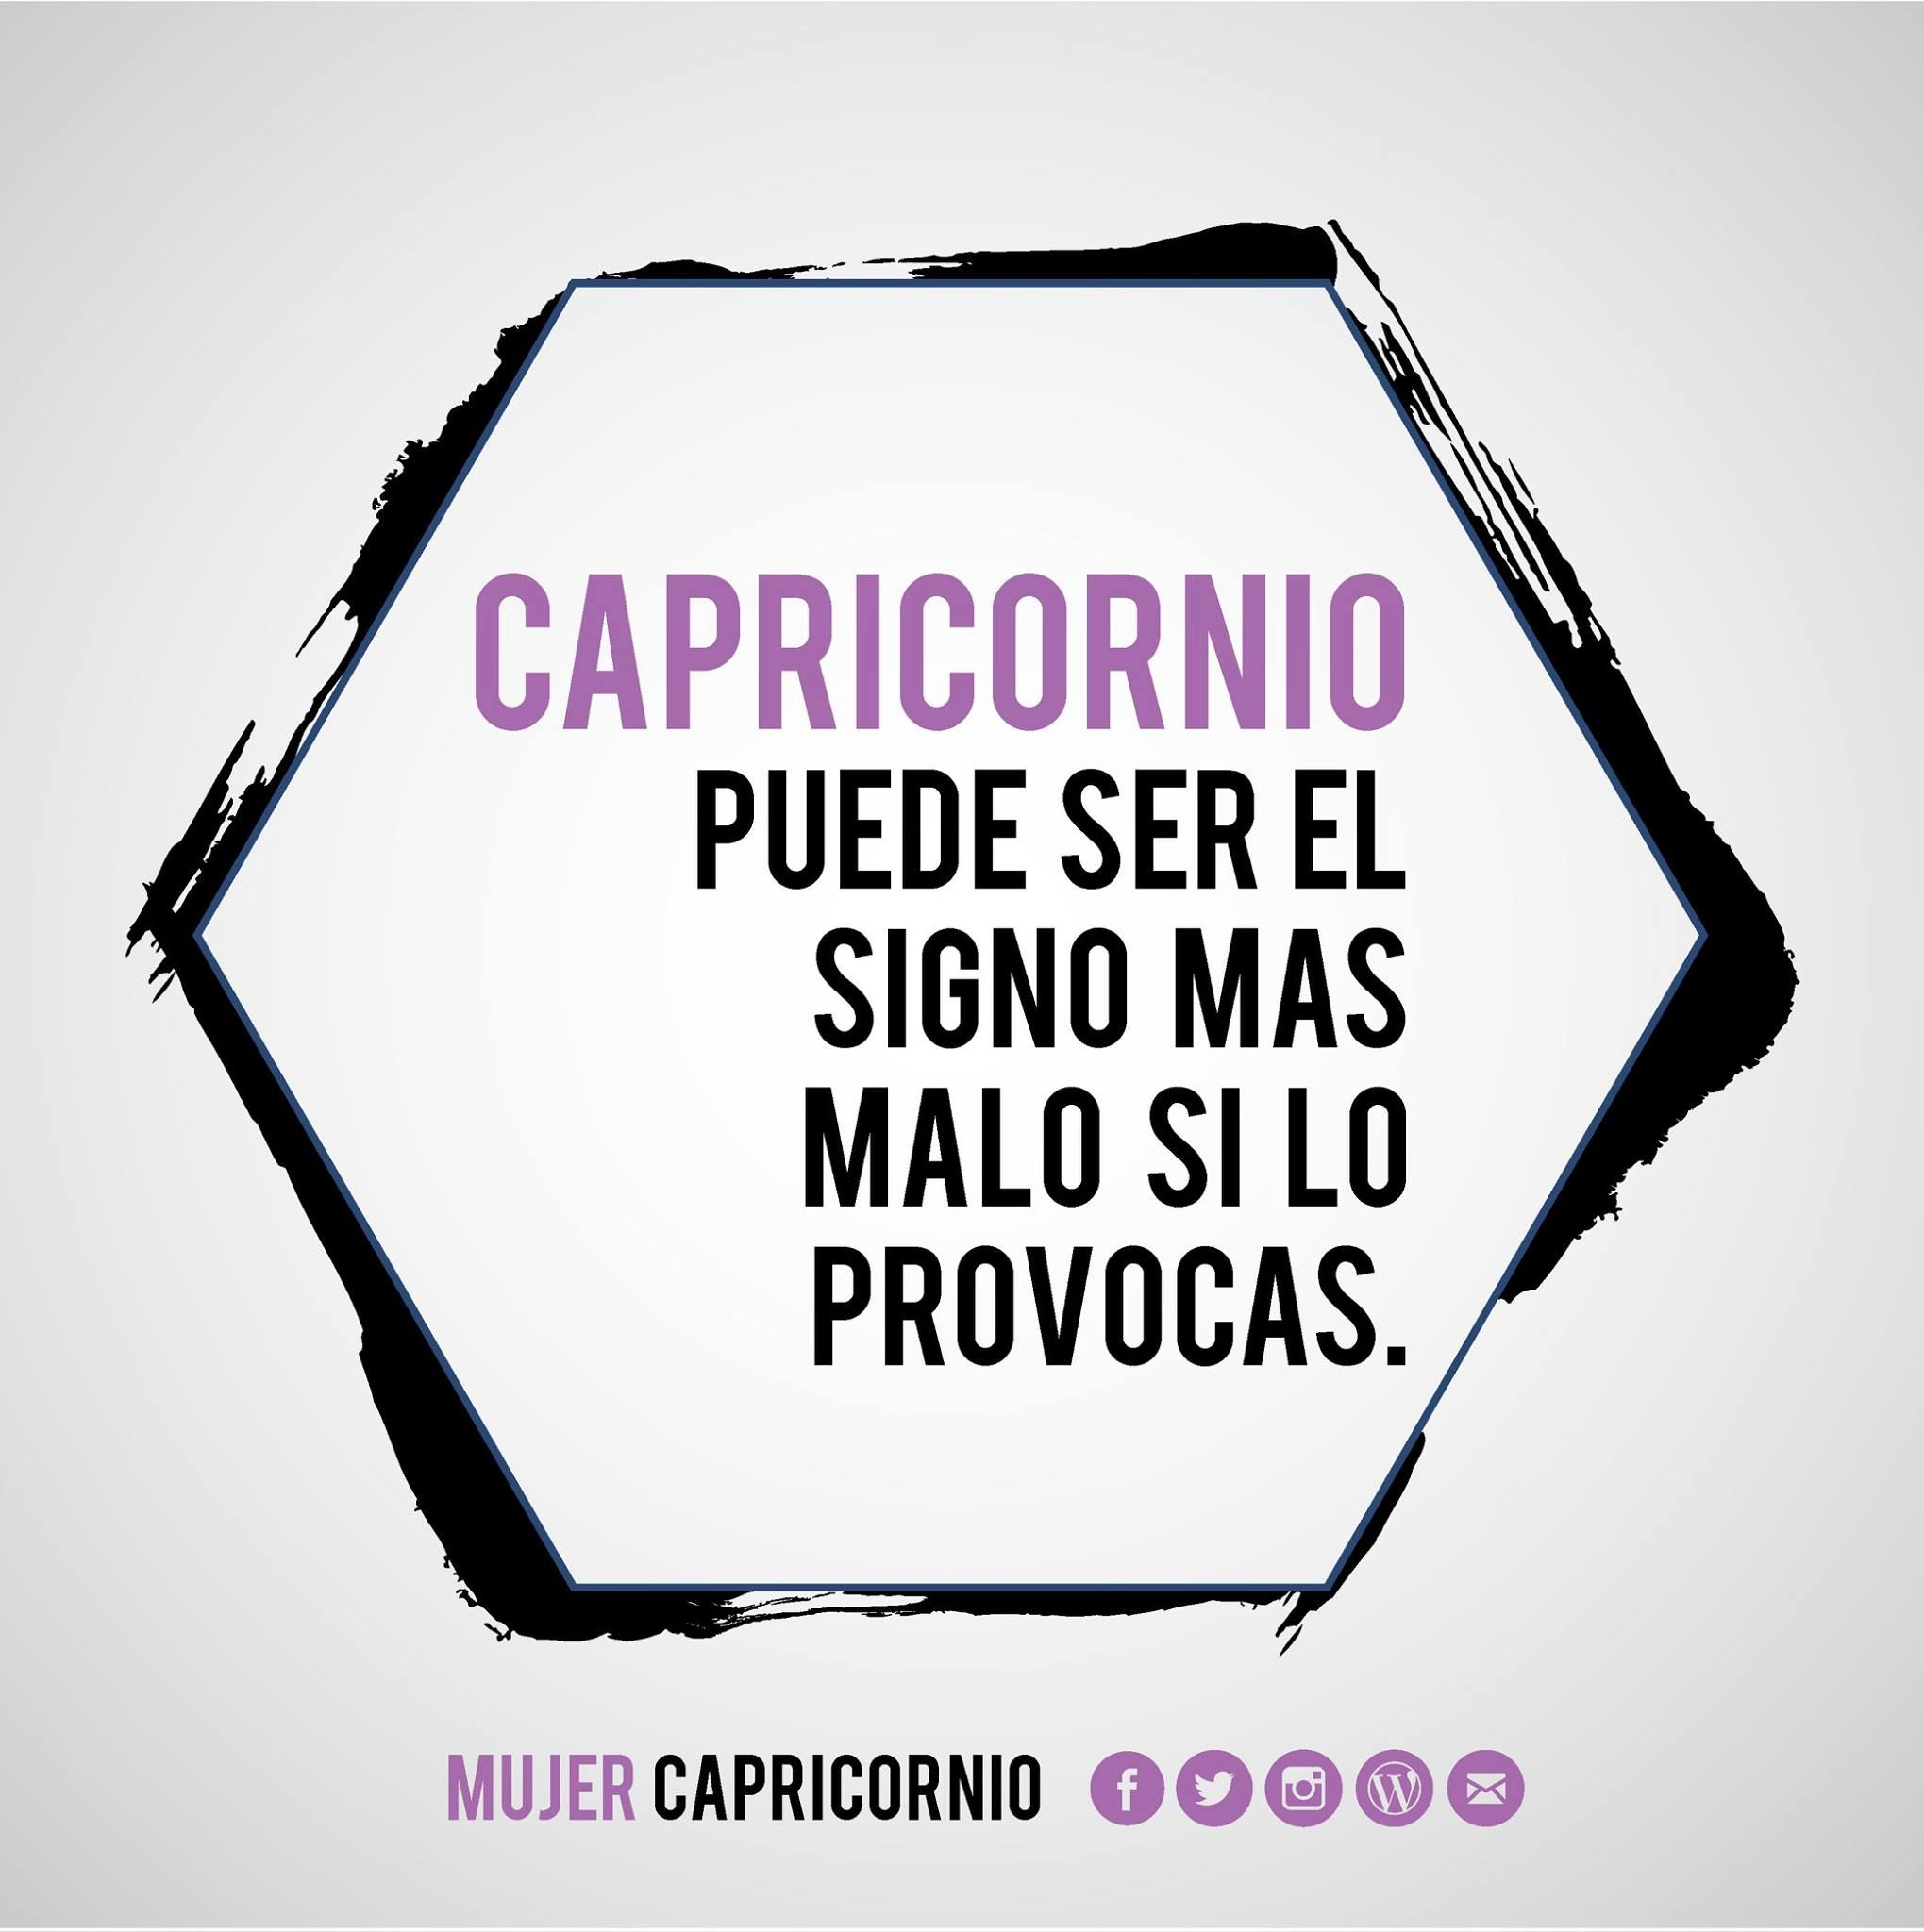 Capricornio #MujerCapricornio #Frases   Mujer Capricornio ...